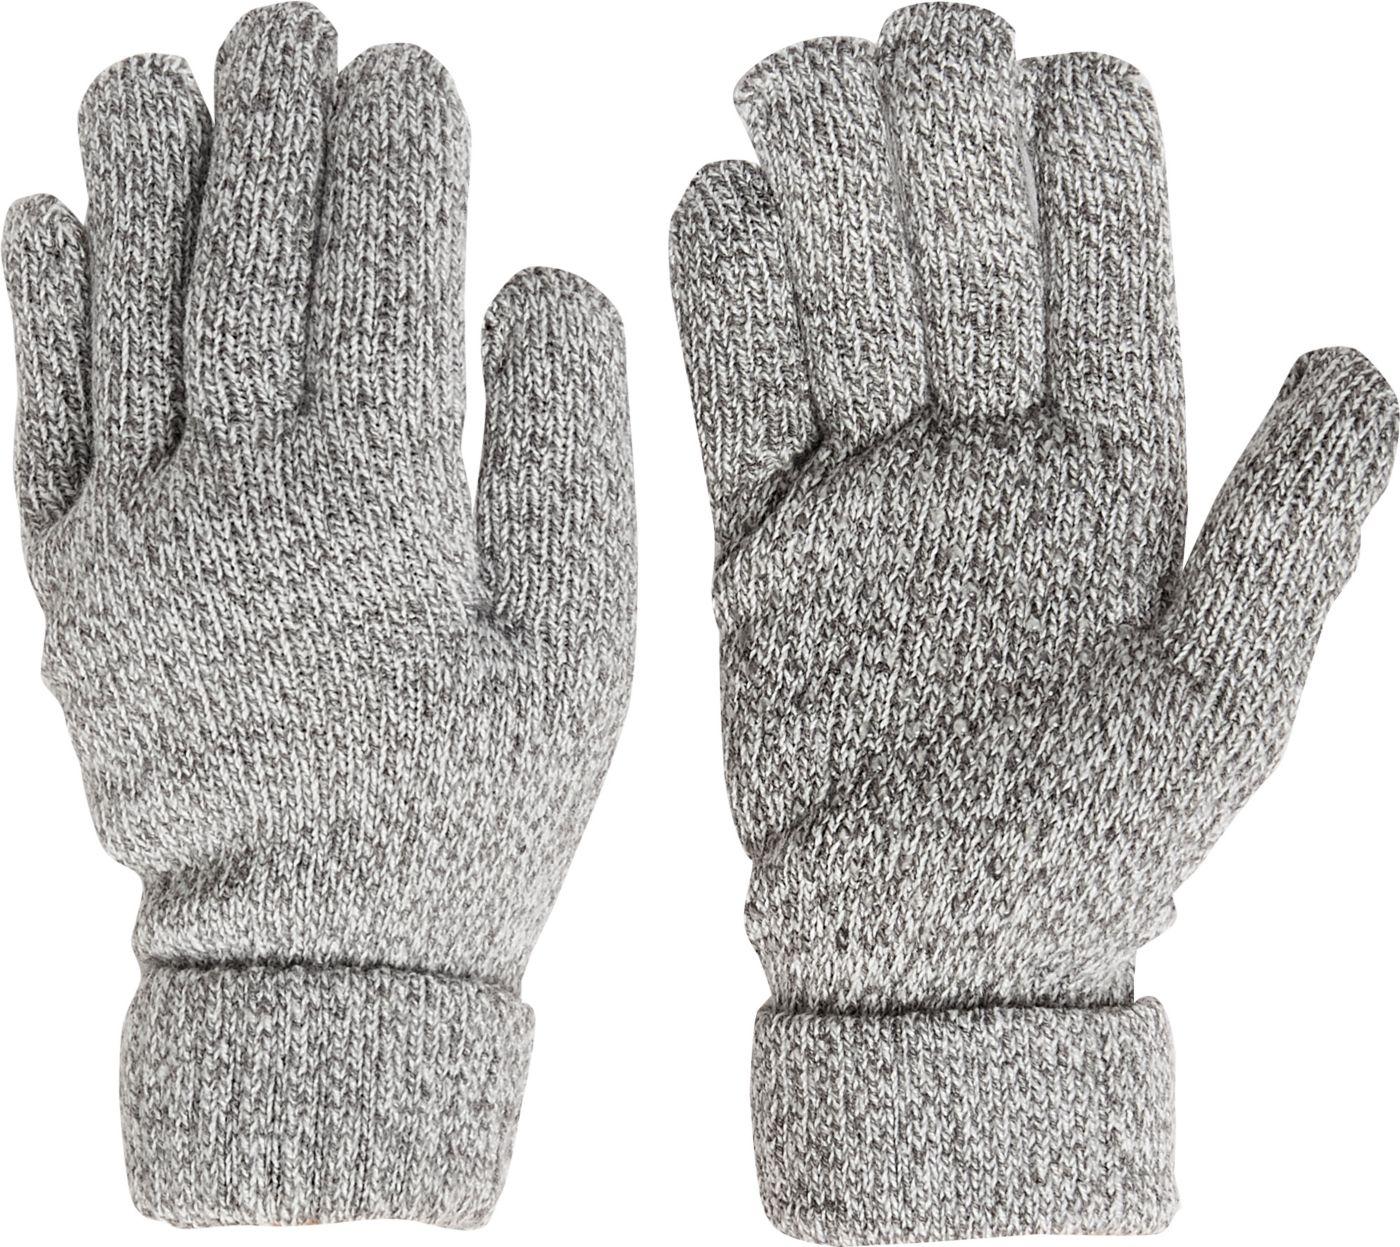 Field & Stream Cabin Marled Gloves